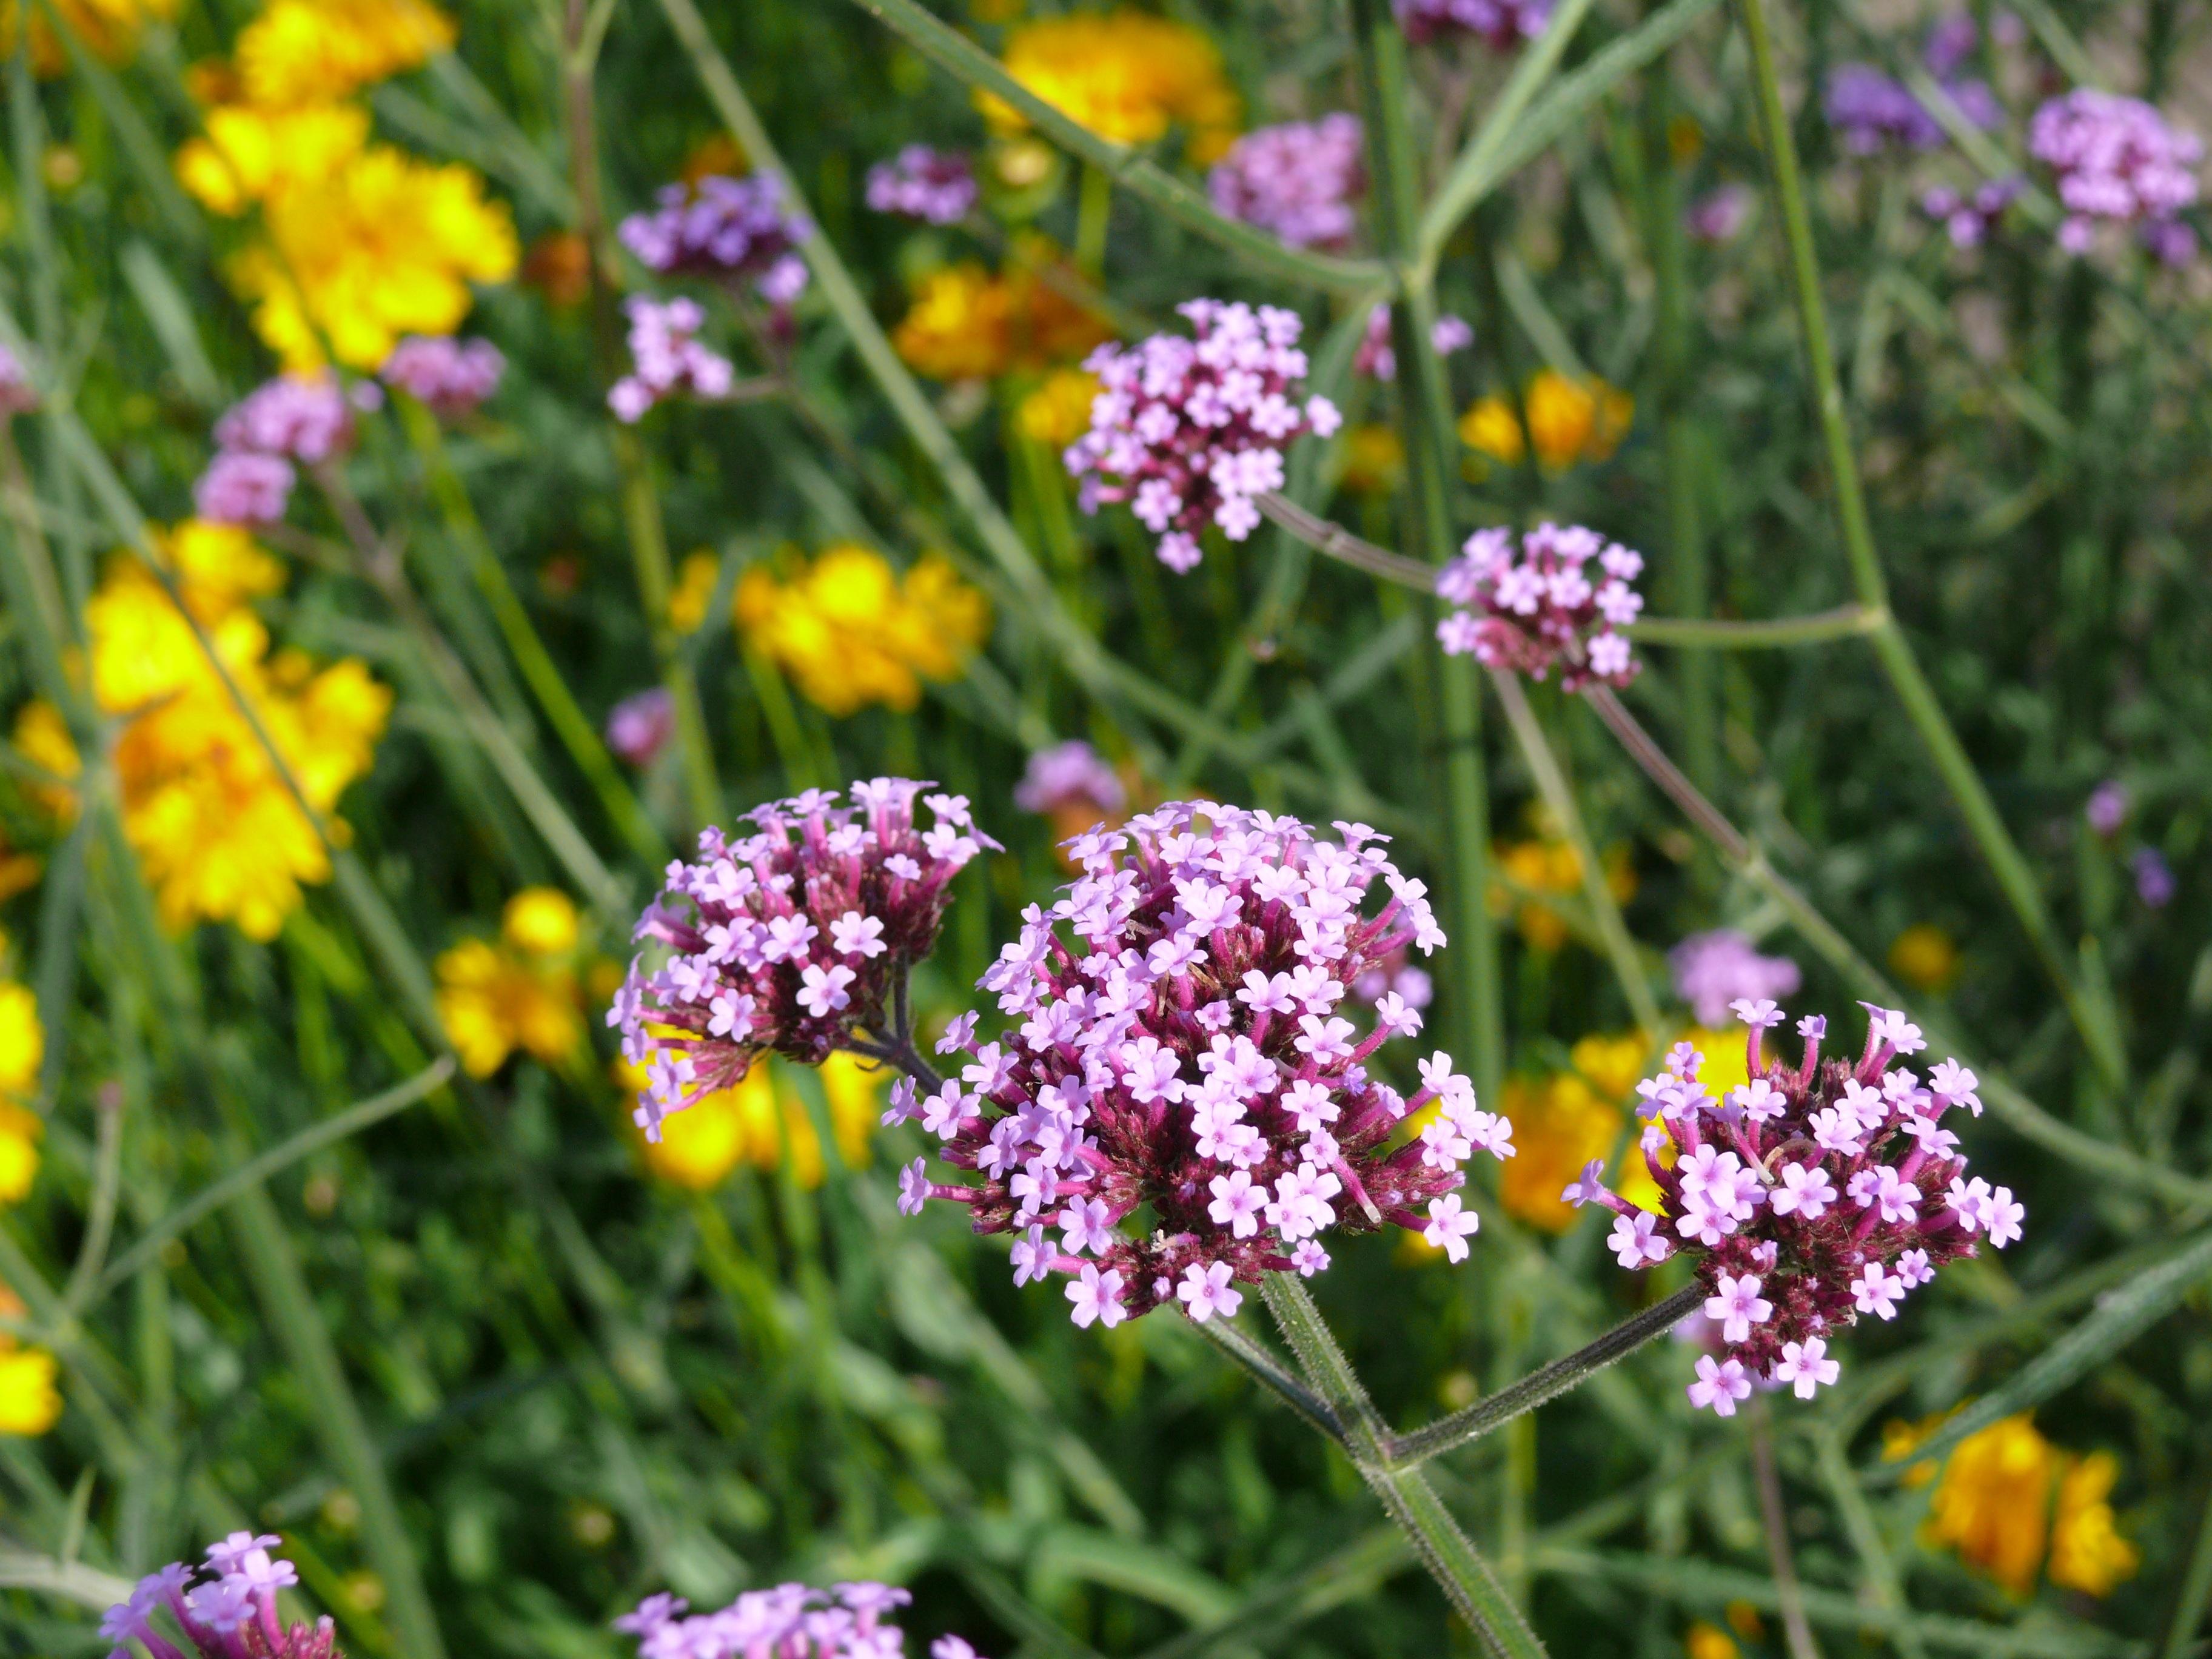 Images Gratuites : fleur, Prairie, violet, floral, herbe, botanique ...